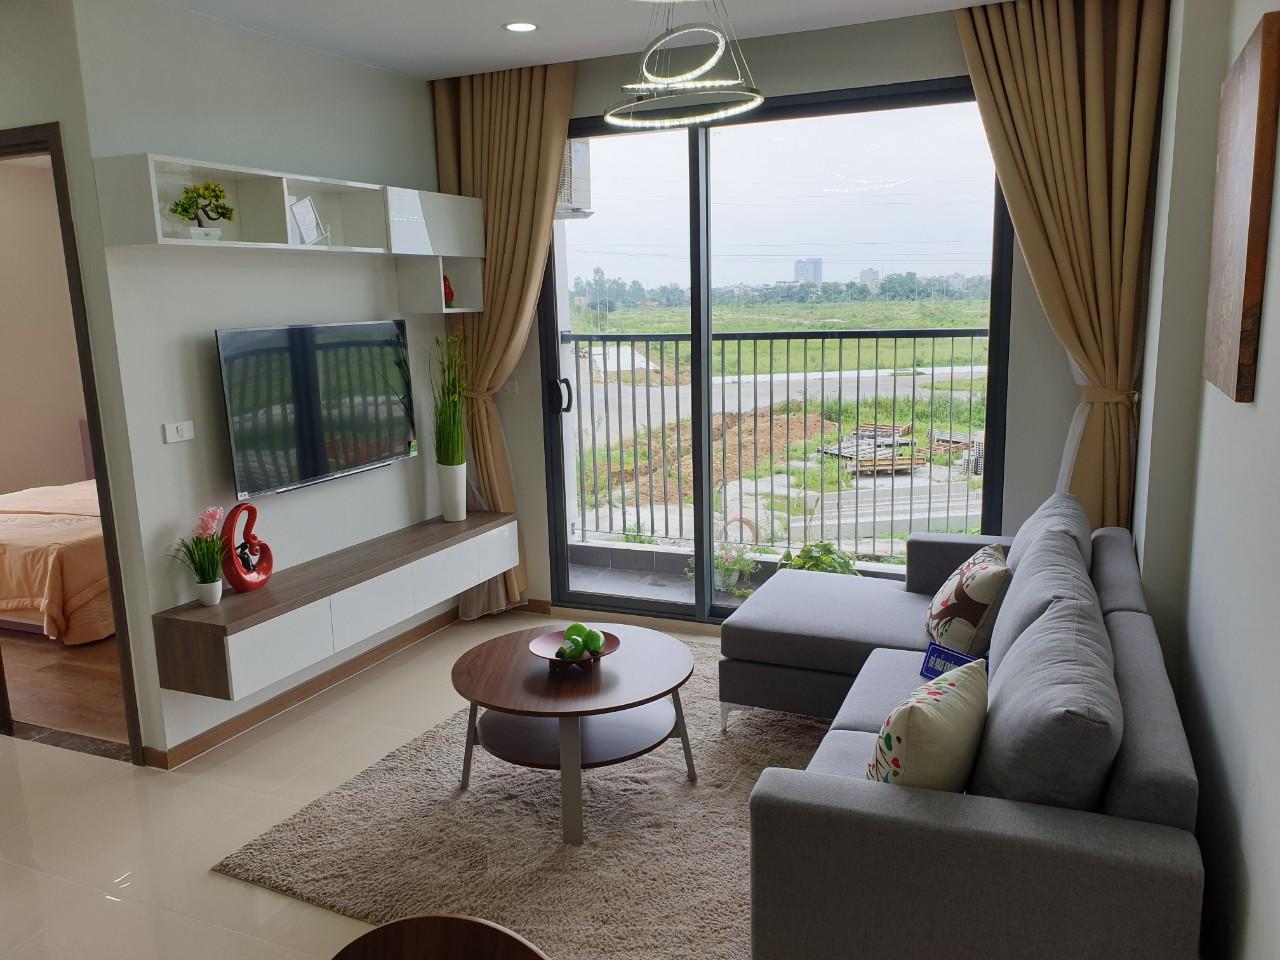 Chung Cư Tecco Center Point Thanh Hóa